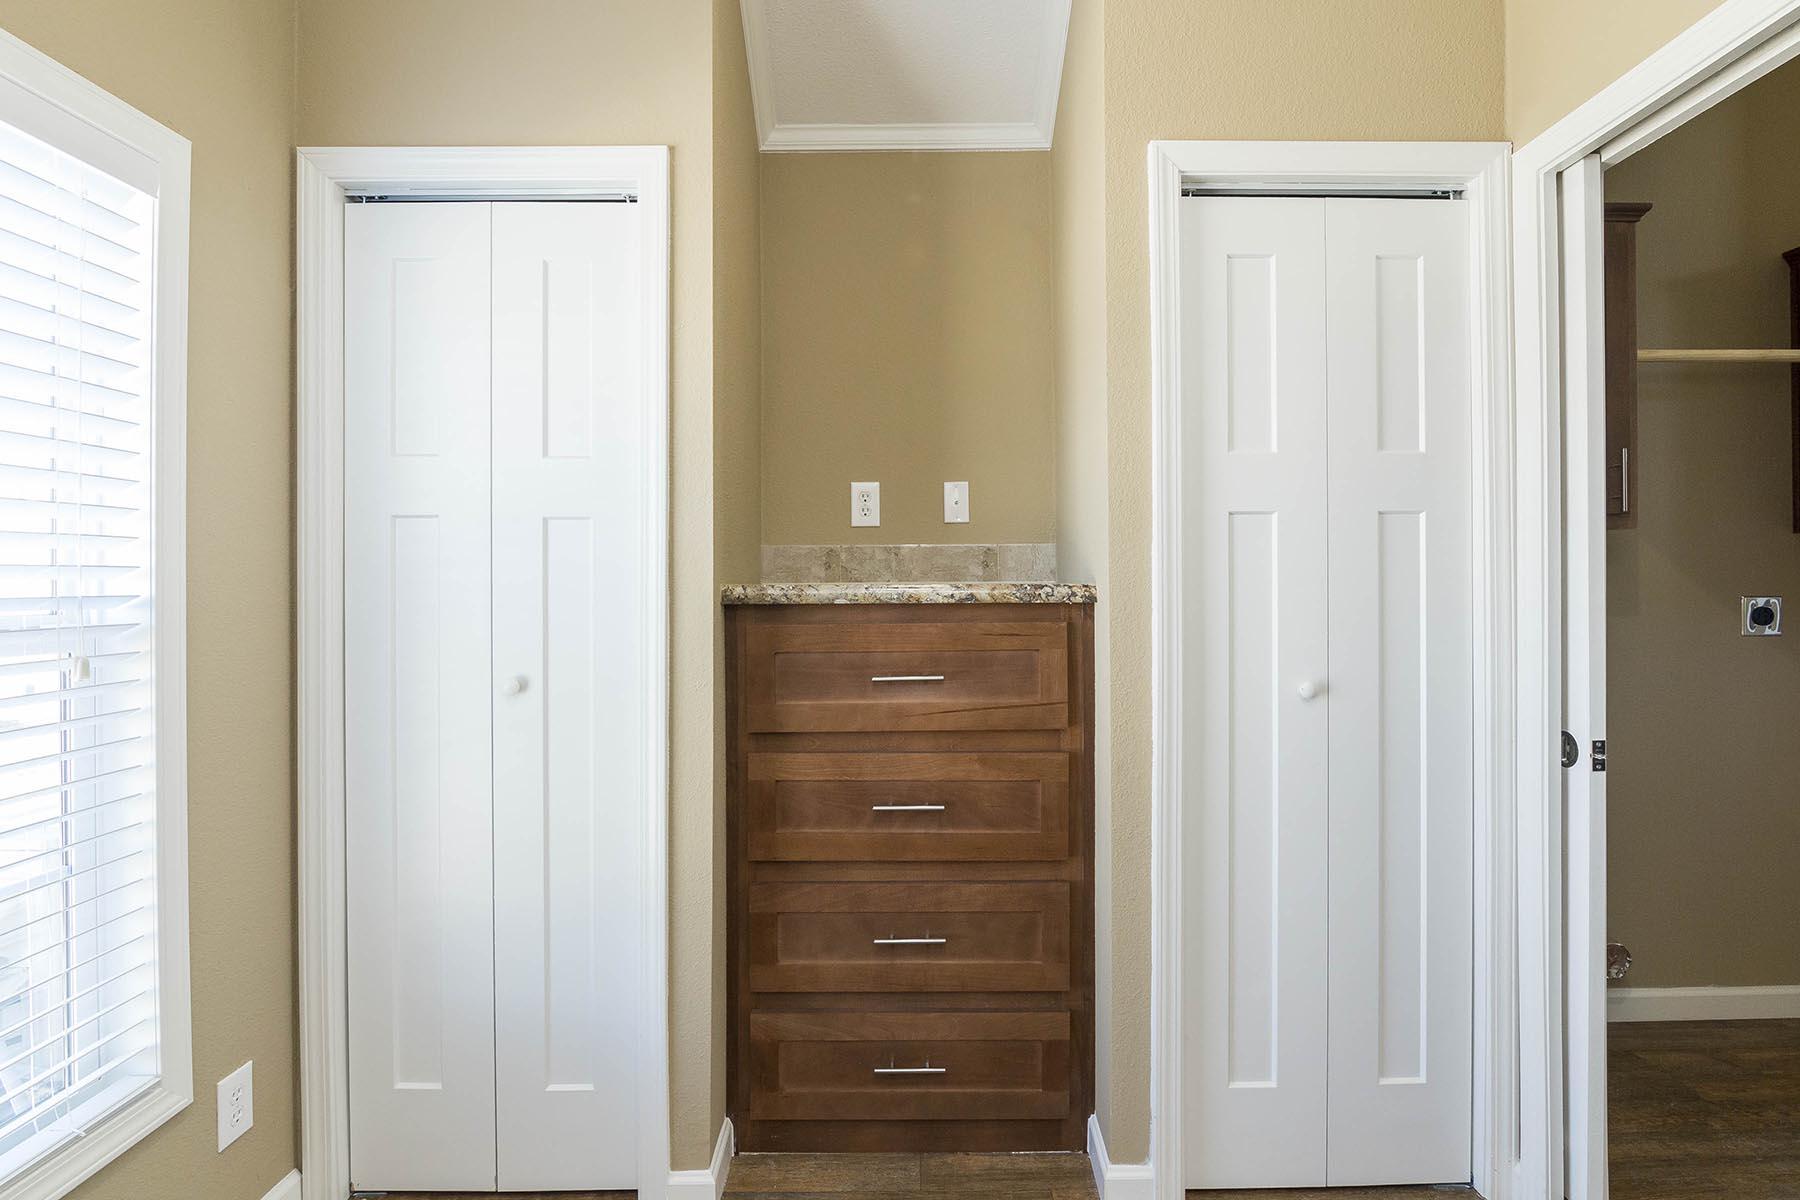 The Baja APH-532 bedroom closet